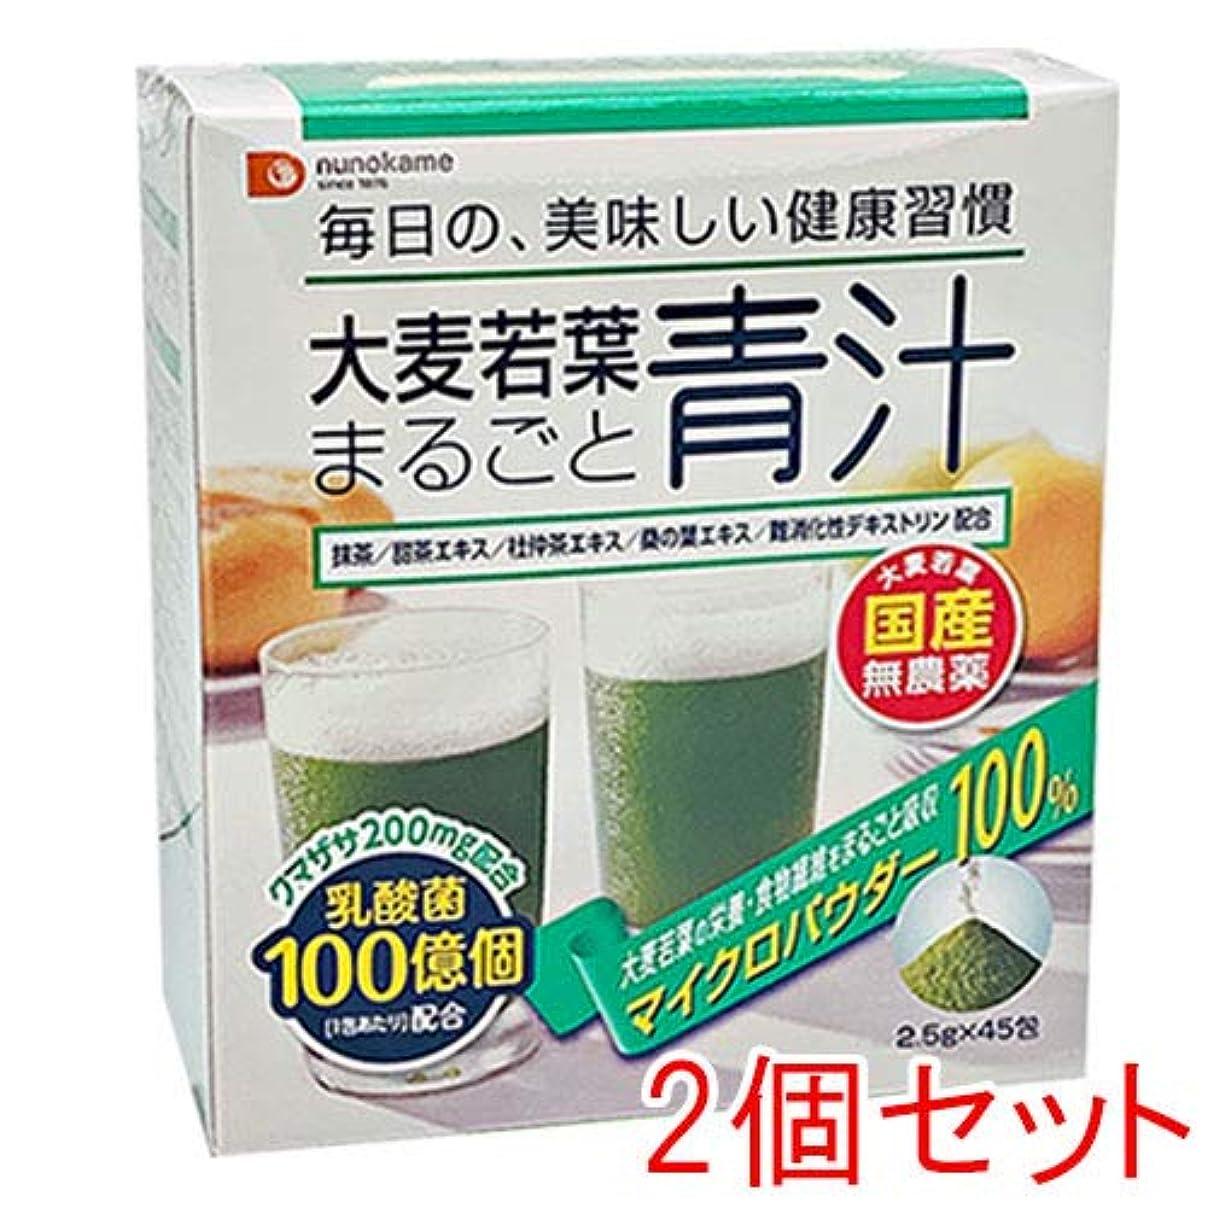 余計な宿泊ウナギ大麦若葉まるごと青汁【2個セット】 2.5g×45包×2